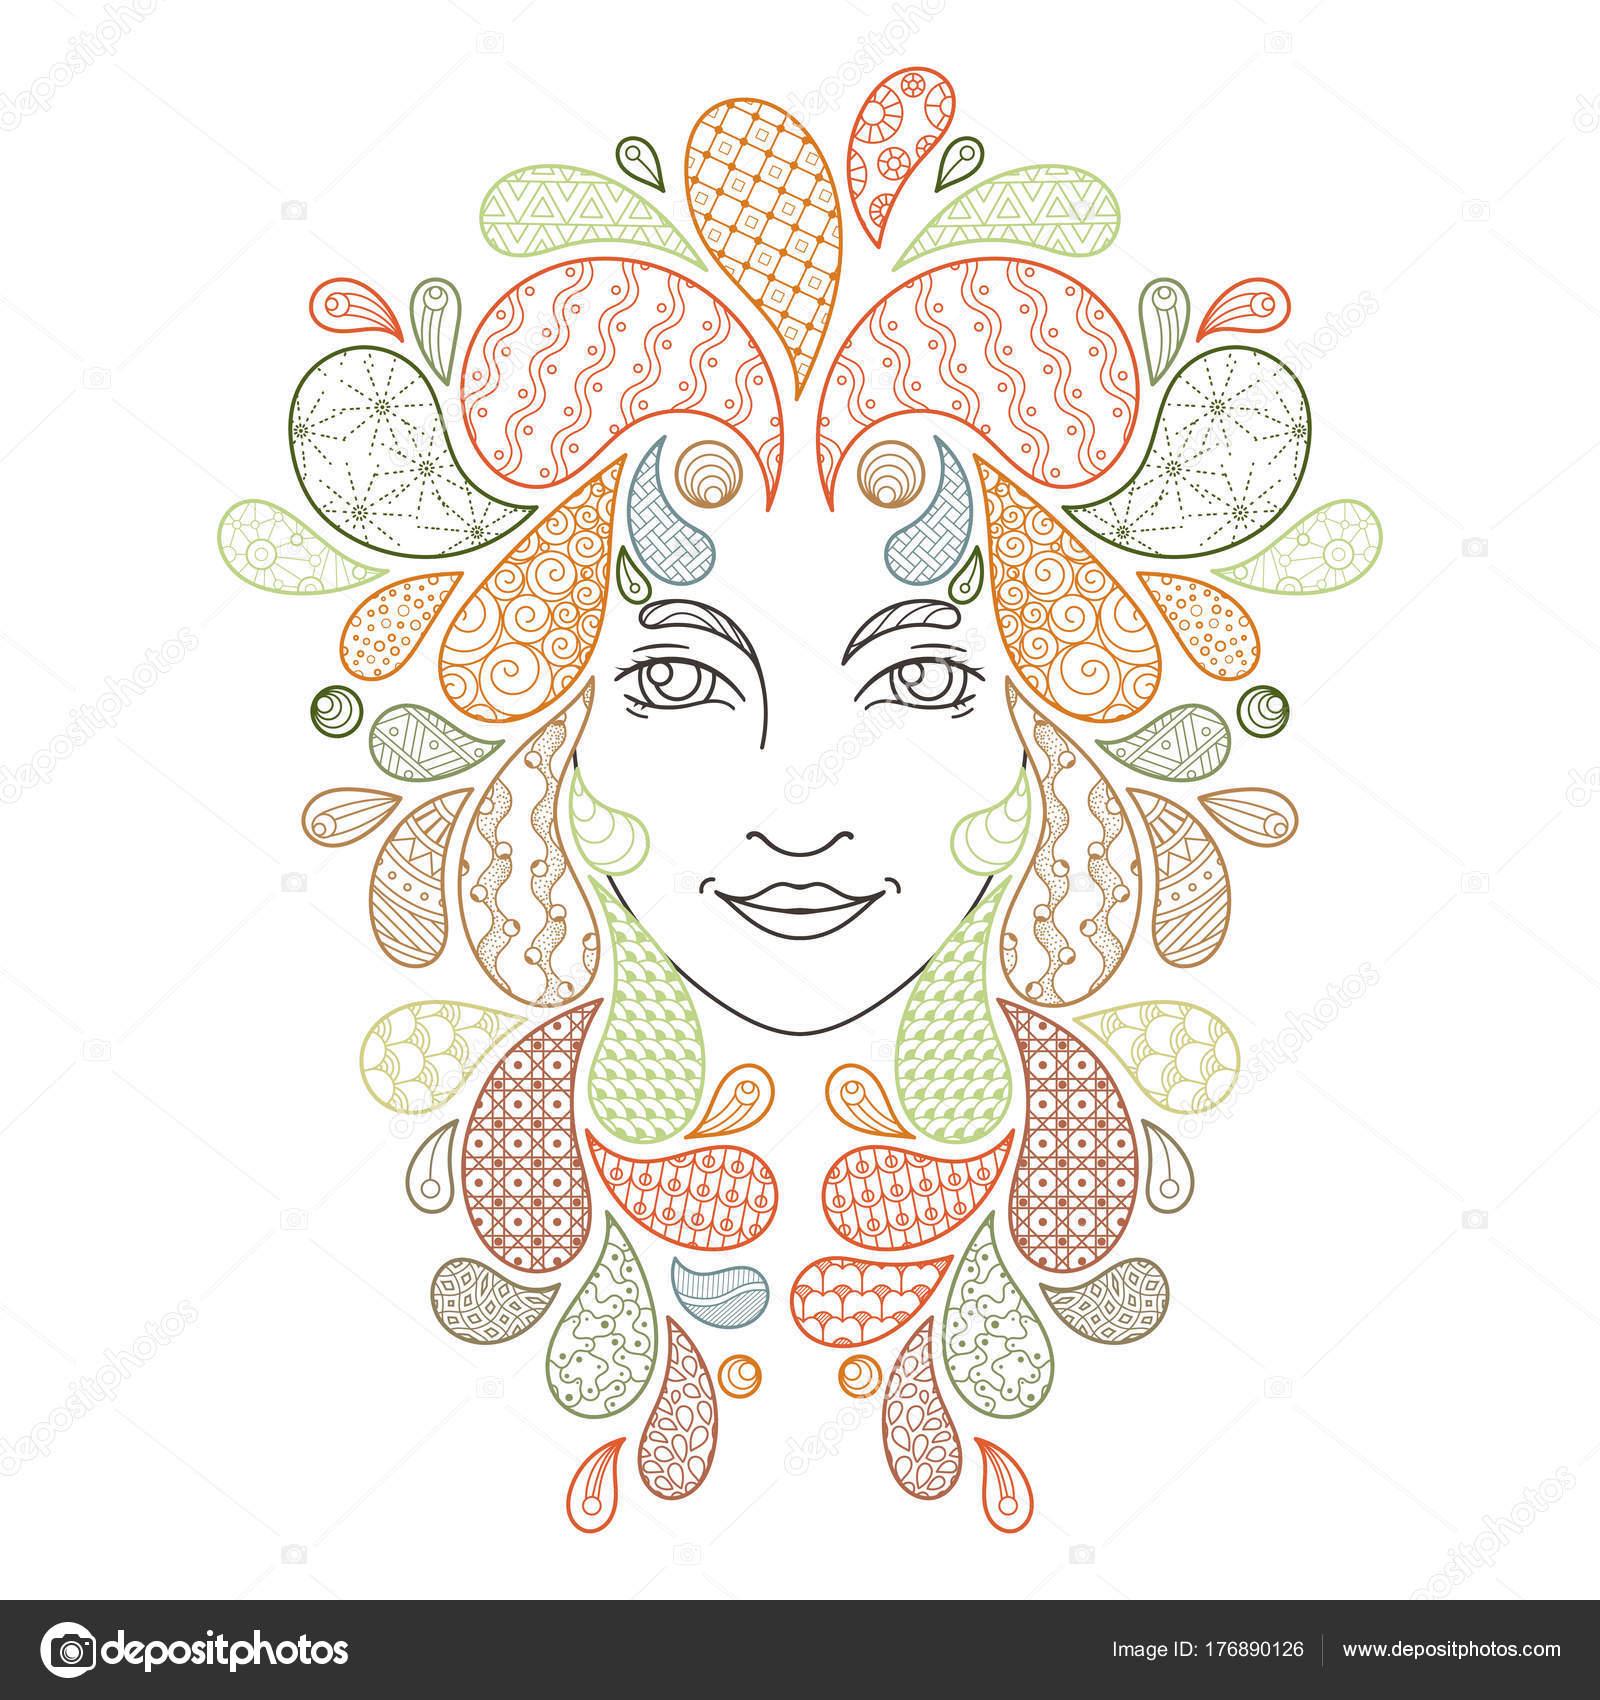 Imprimir el libro para colorear. Retrato de una hermosa chica con ...